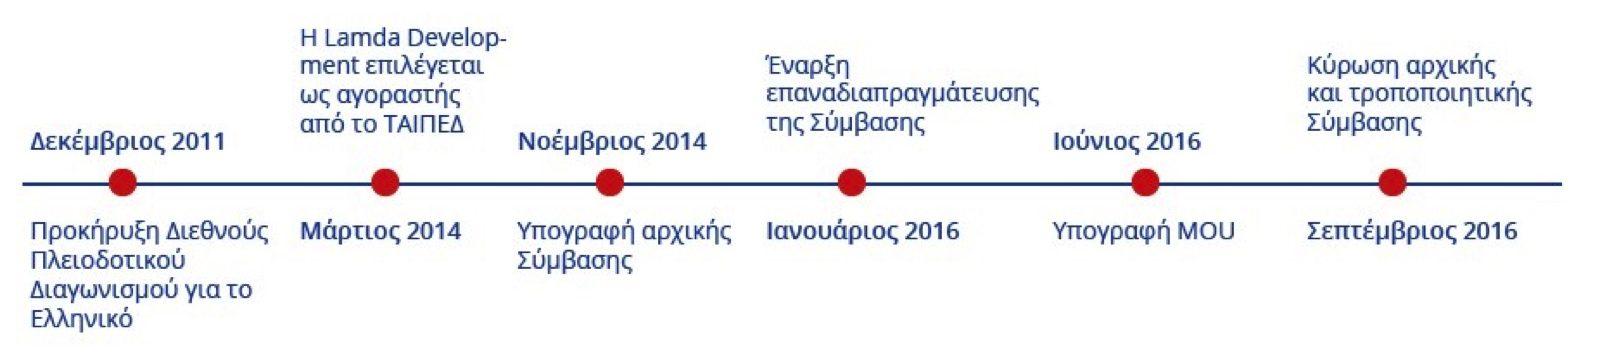 Timeline gr e1512131977742